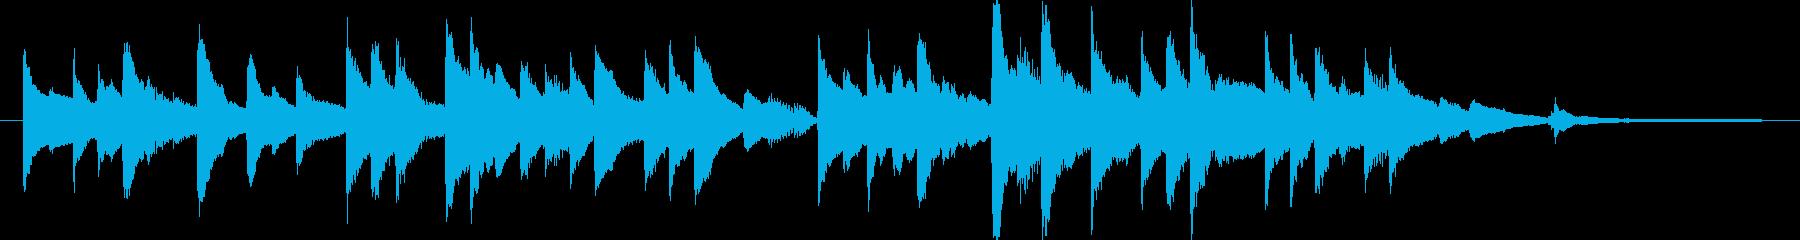 ピアノソロ/感動系/切ないの再生済みの波形